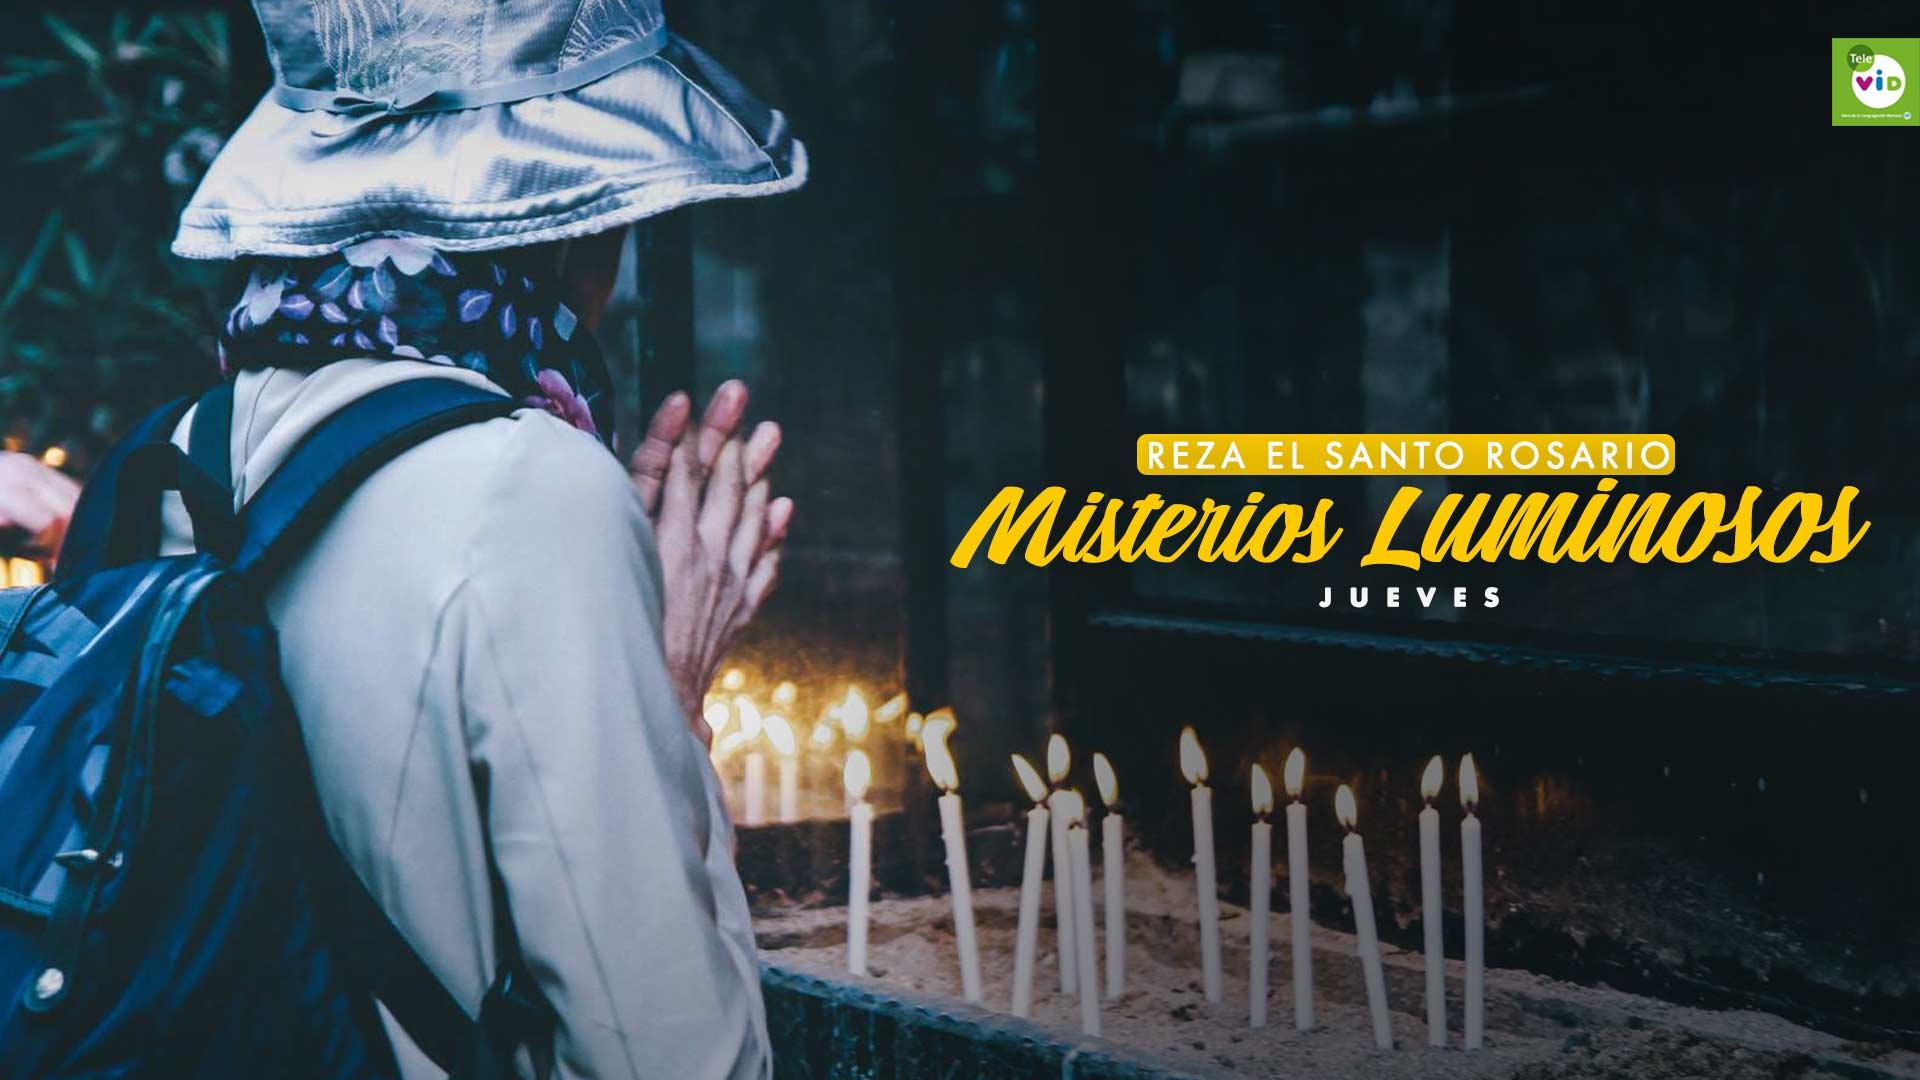 Video: ¿Cómo rezar los Misterios Luminosos? Santo Rosario Jueves